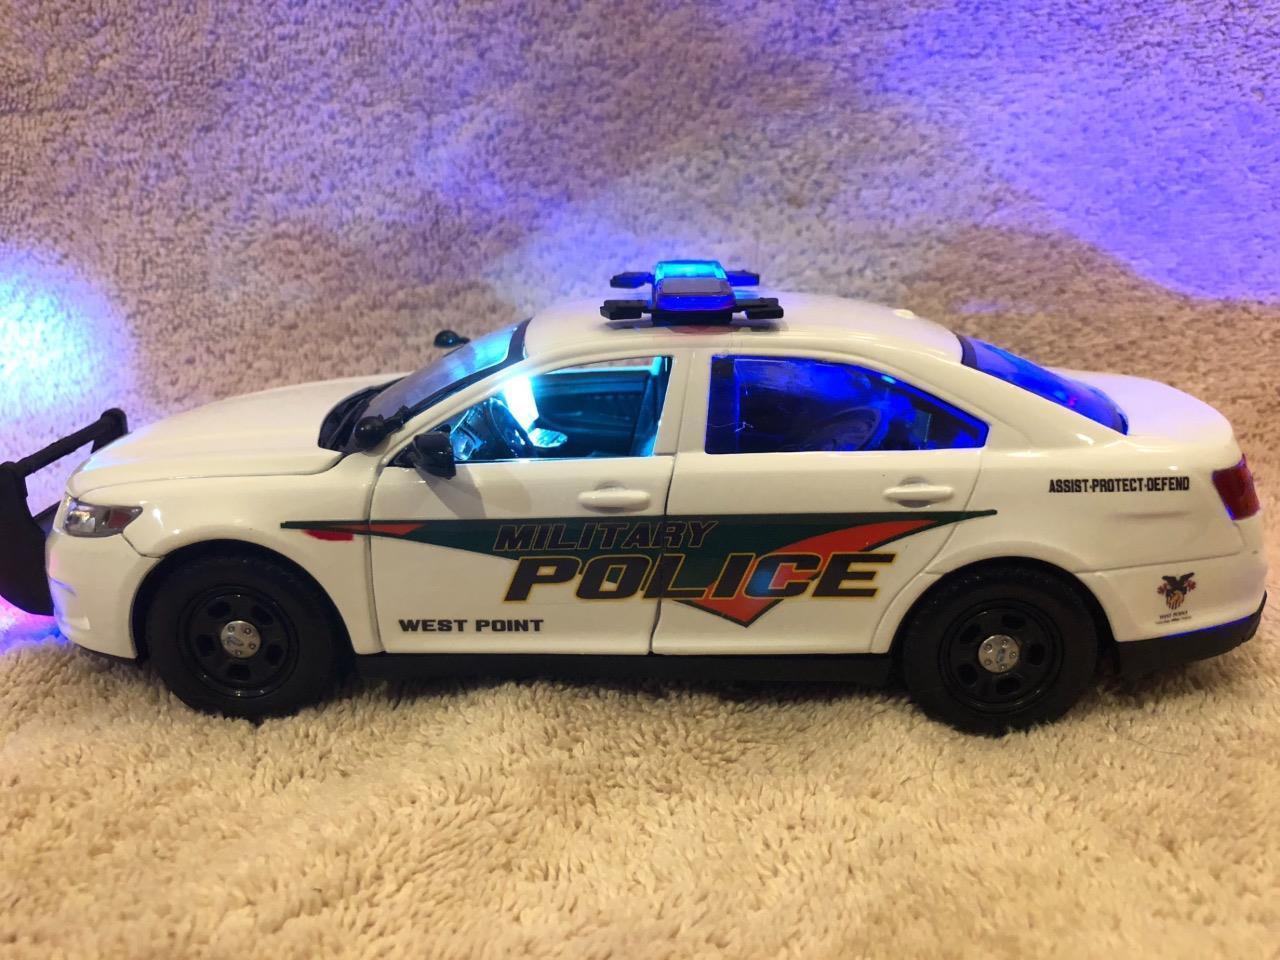 Escala 1 24 de policía militar de West Point Interceptor con luces y sirena de trabajo